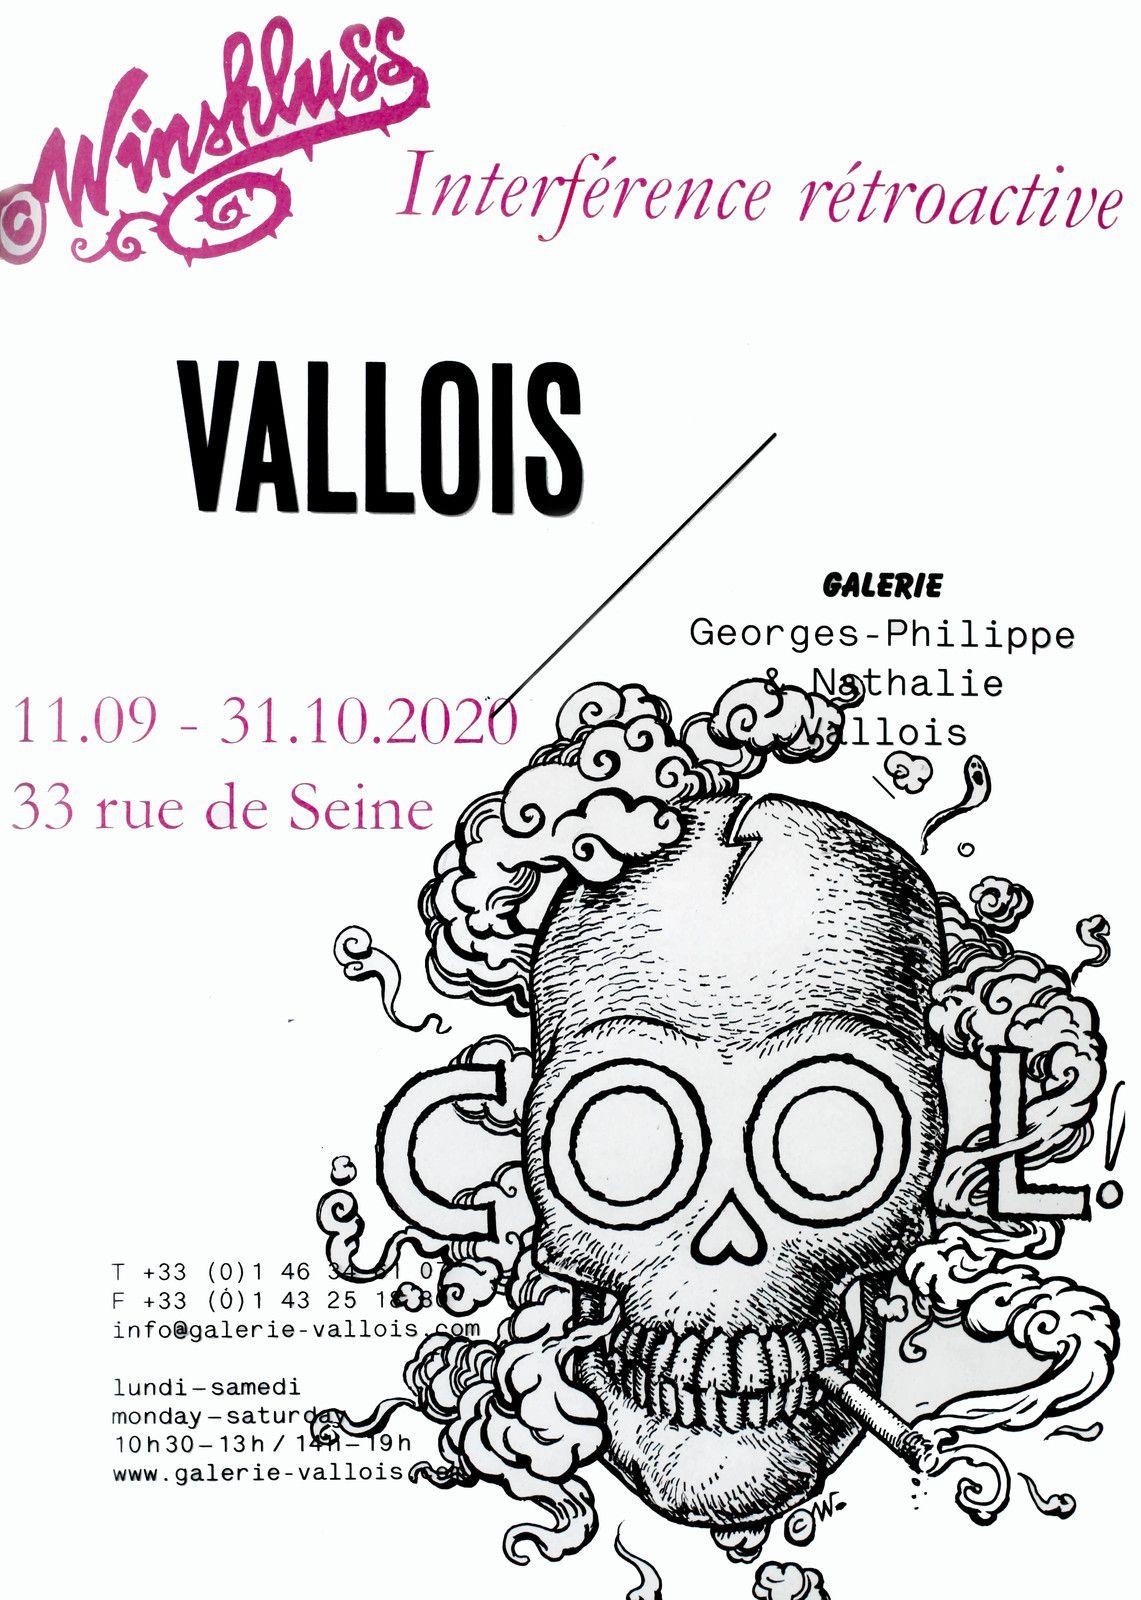 WINSHLUSS - Courtesy de l'artiste et la Galerie Georges-Philippe et Nathalie Vallois © Photo Éric Simon